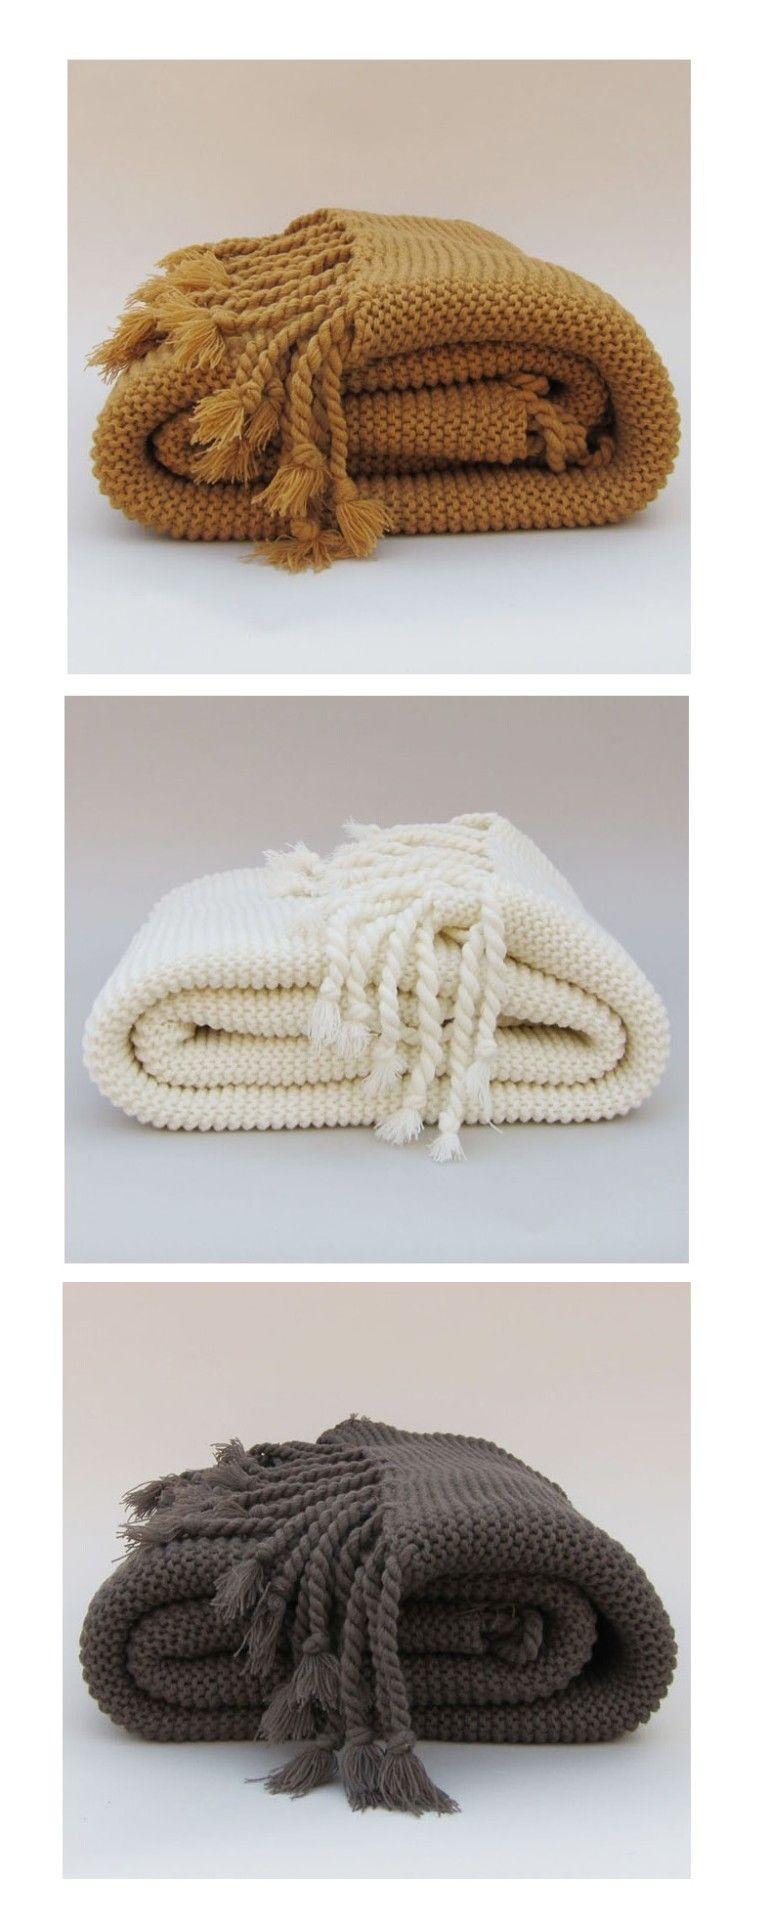 crochet flower blanket | blanket | Pinterest